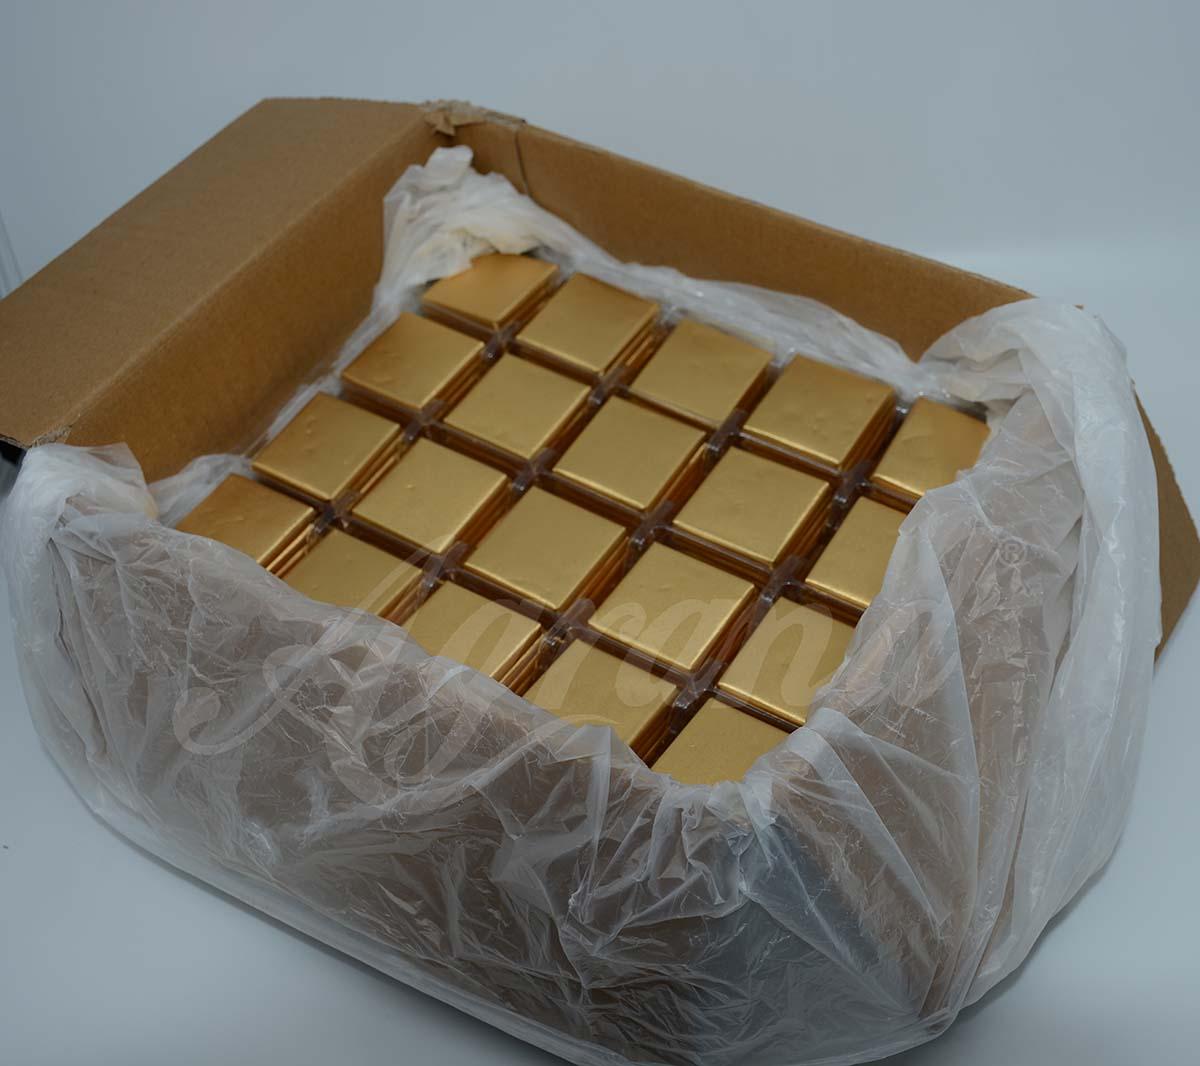 sargılı madlen 3kg koli çikolata toptancısı